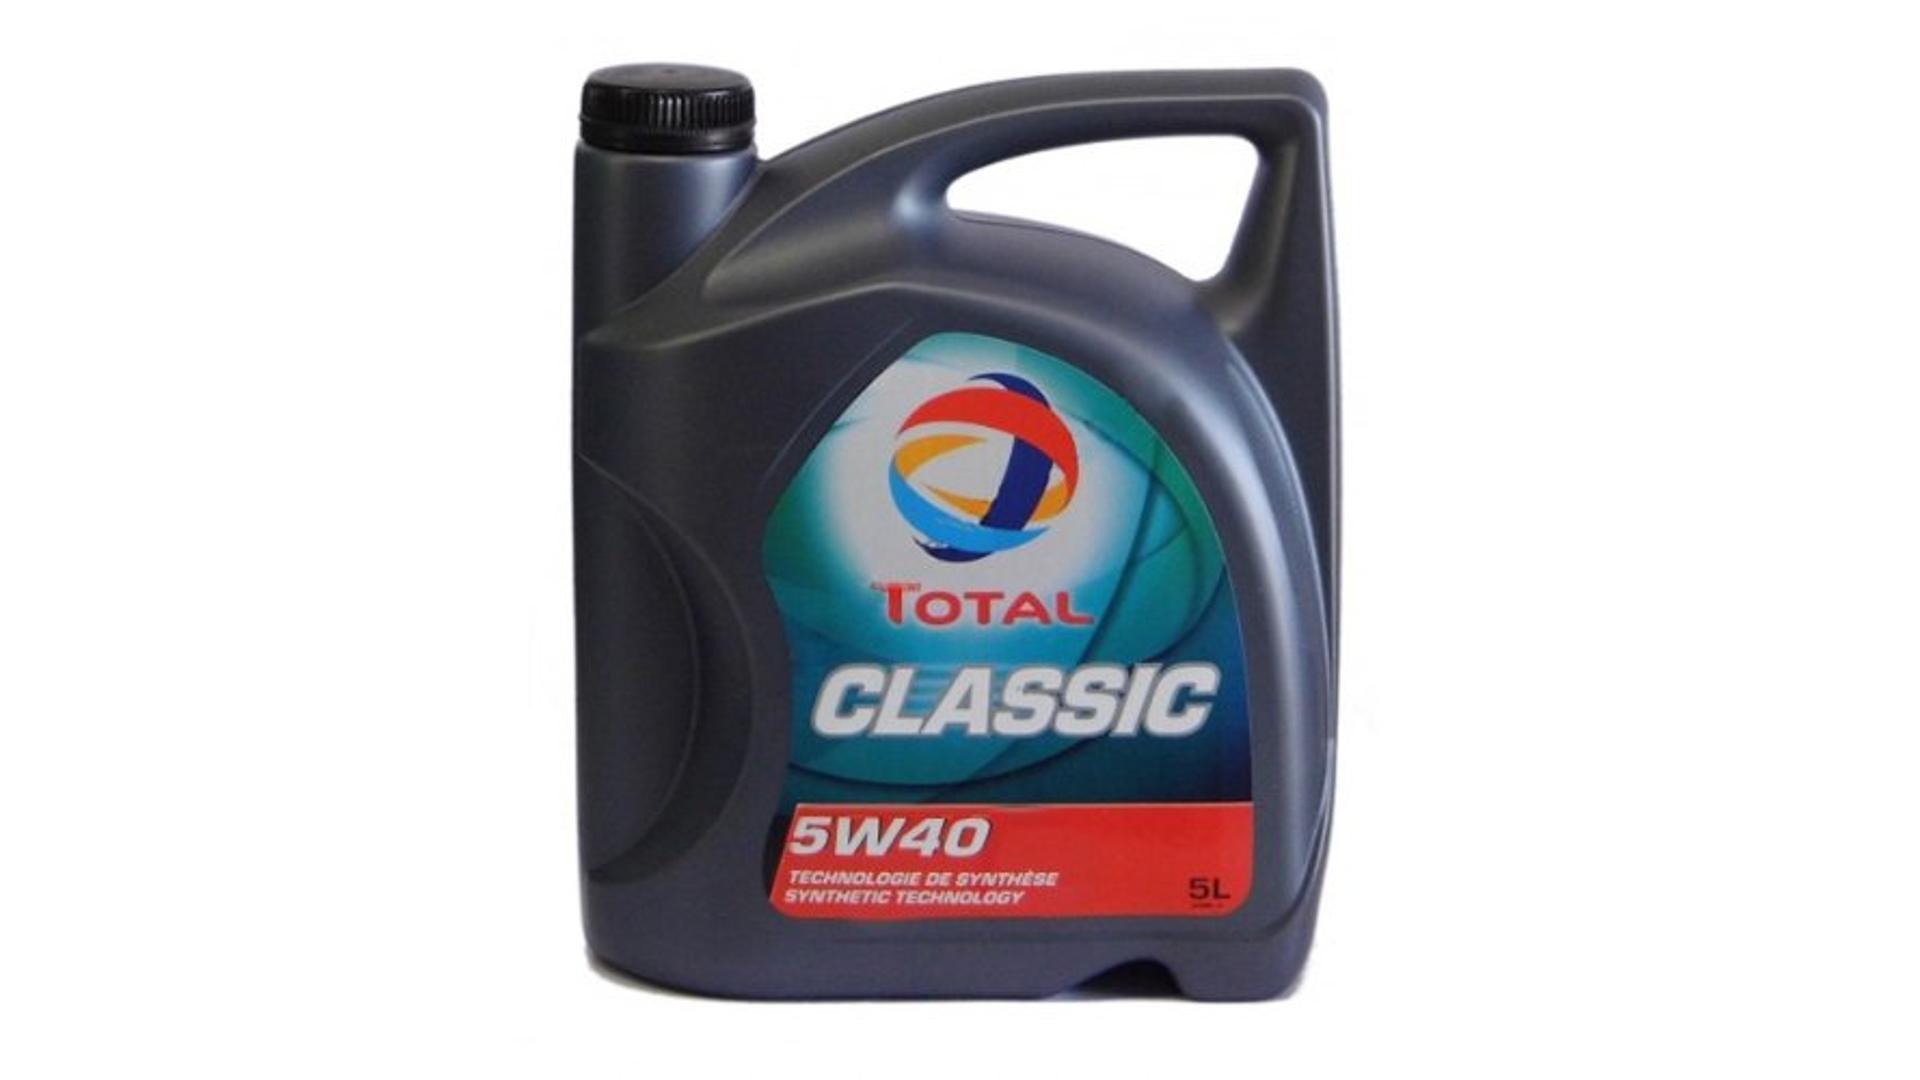 Total 5w-40 Classic 5L (156721)